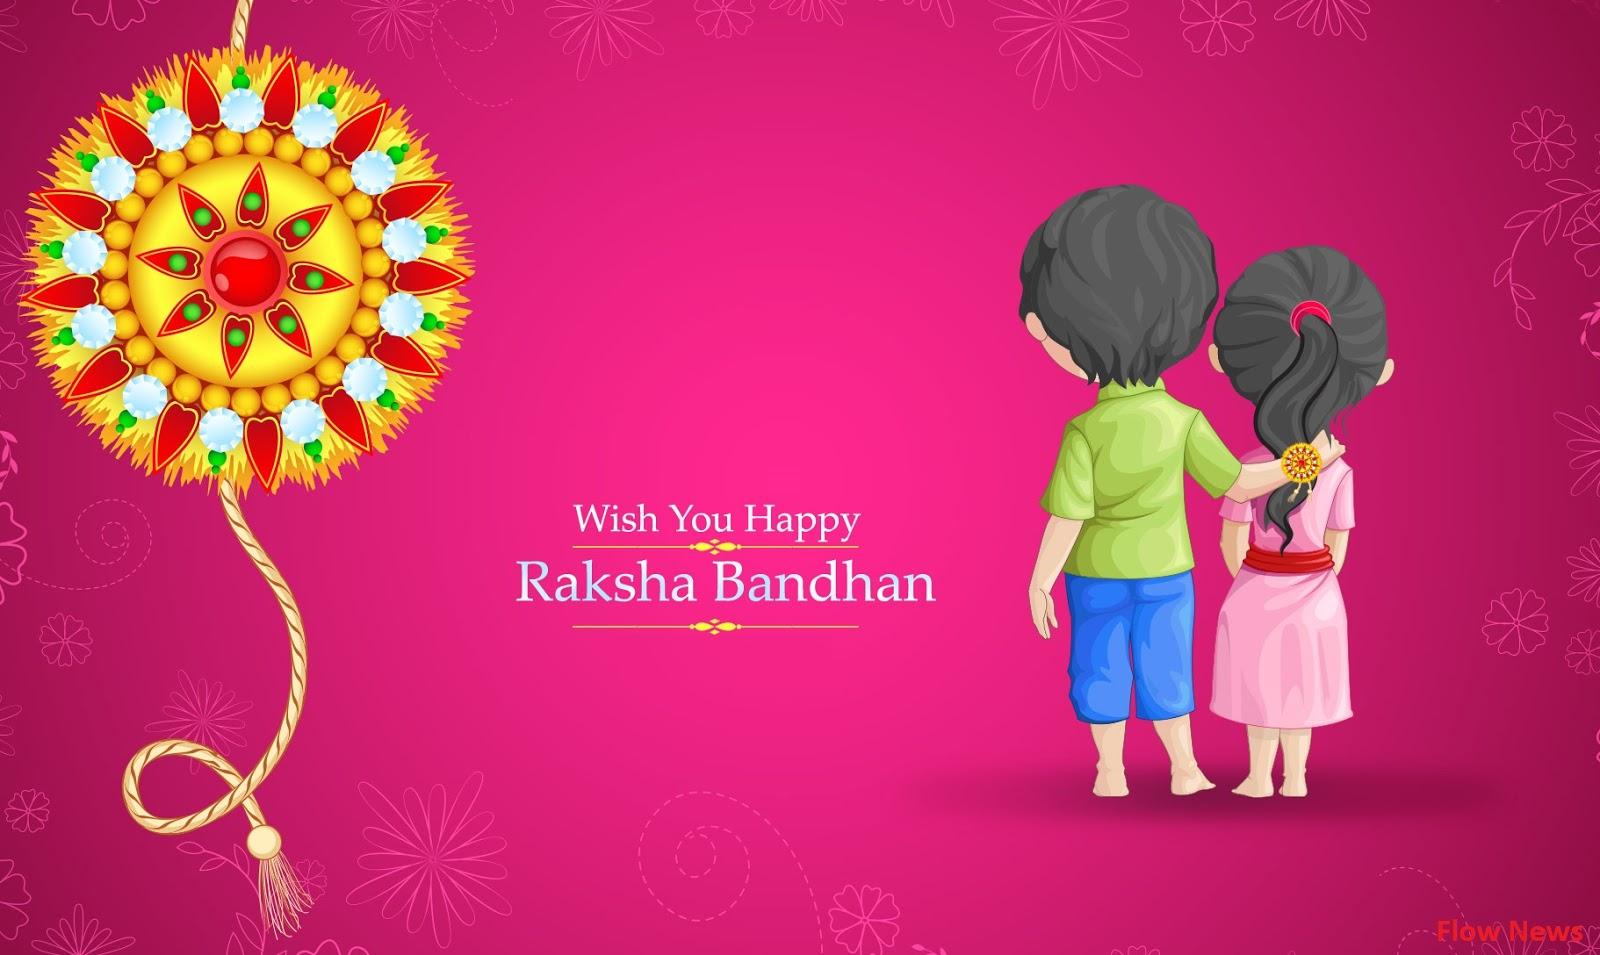 Raksha bandhan wishes for brother raksha bandhan wishes for sister raksha bandhan wishes messages for brother and sister m4hsunfo